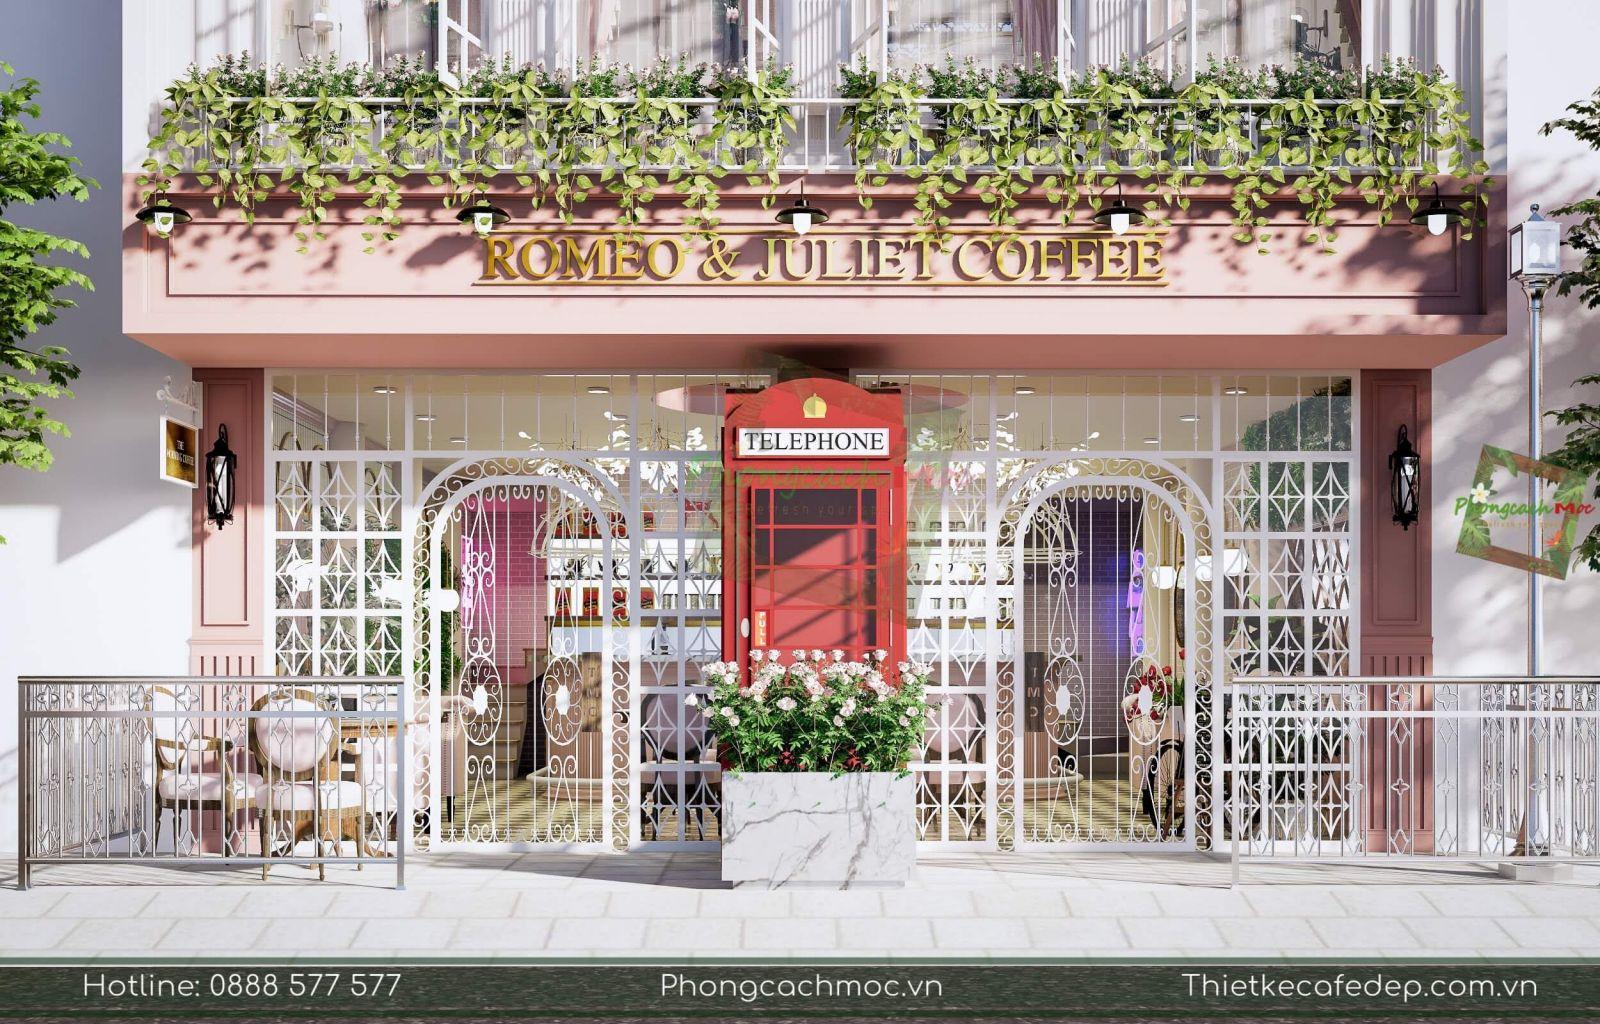 phong cách mộc thiết kế quán cafe chủ đề tân cổ điển diện tích 160m2